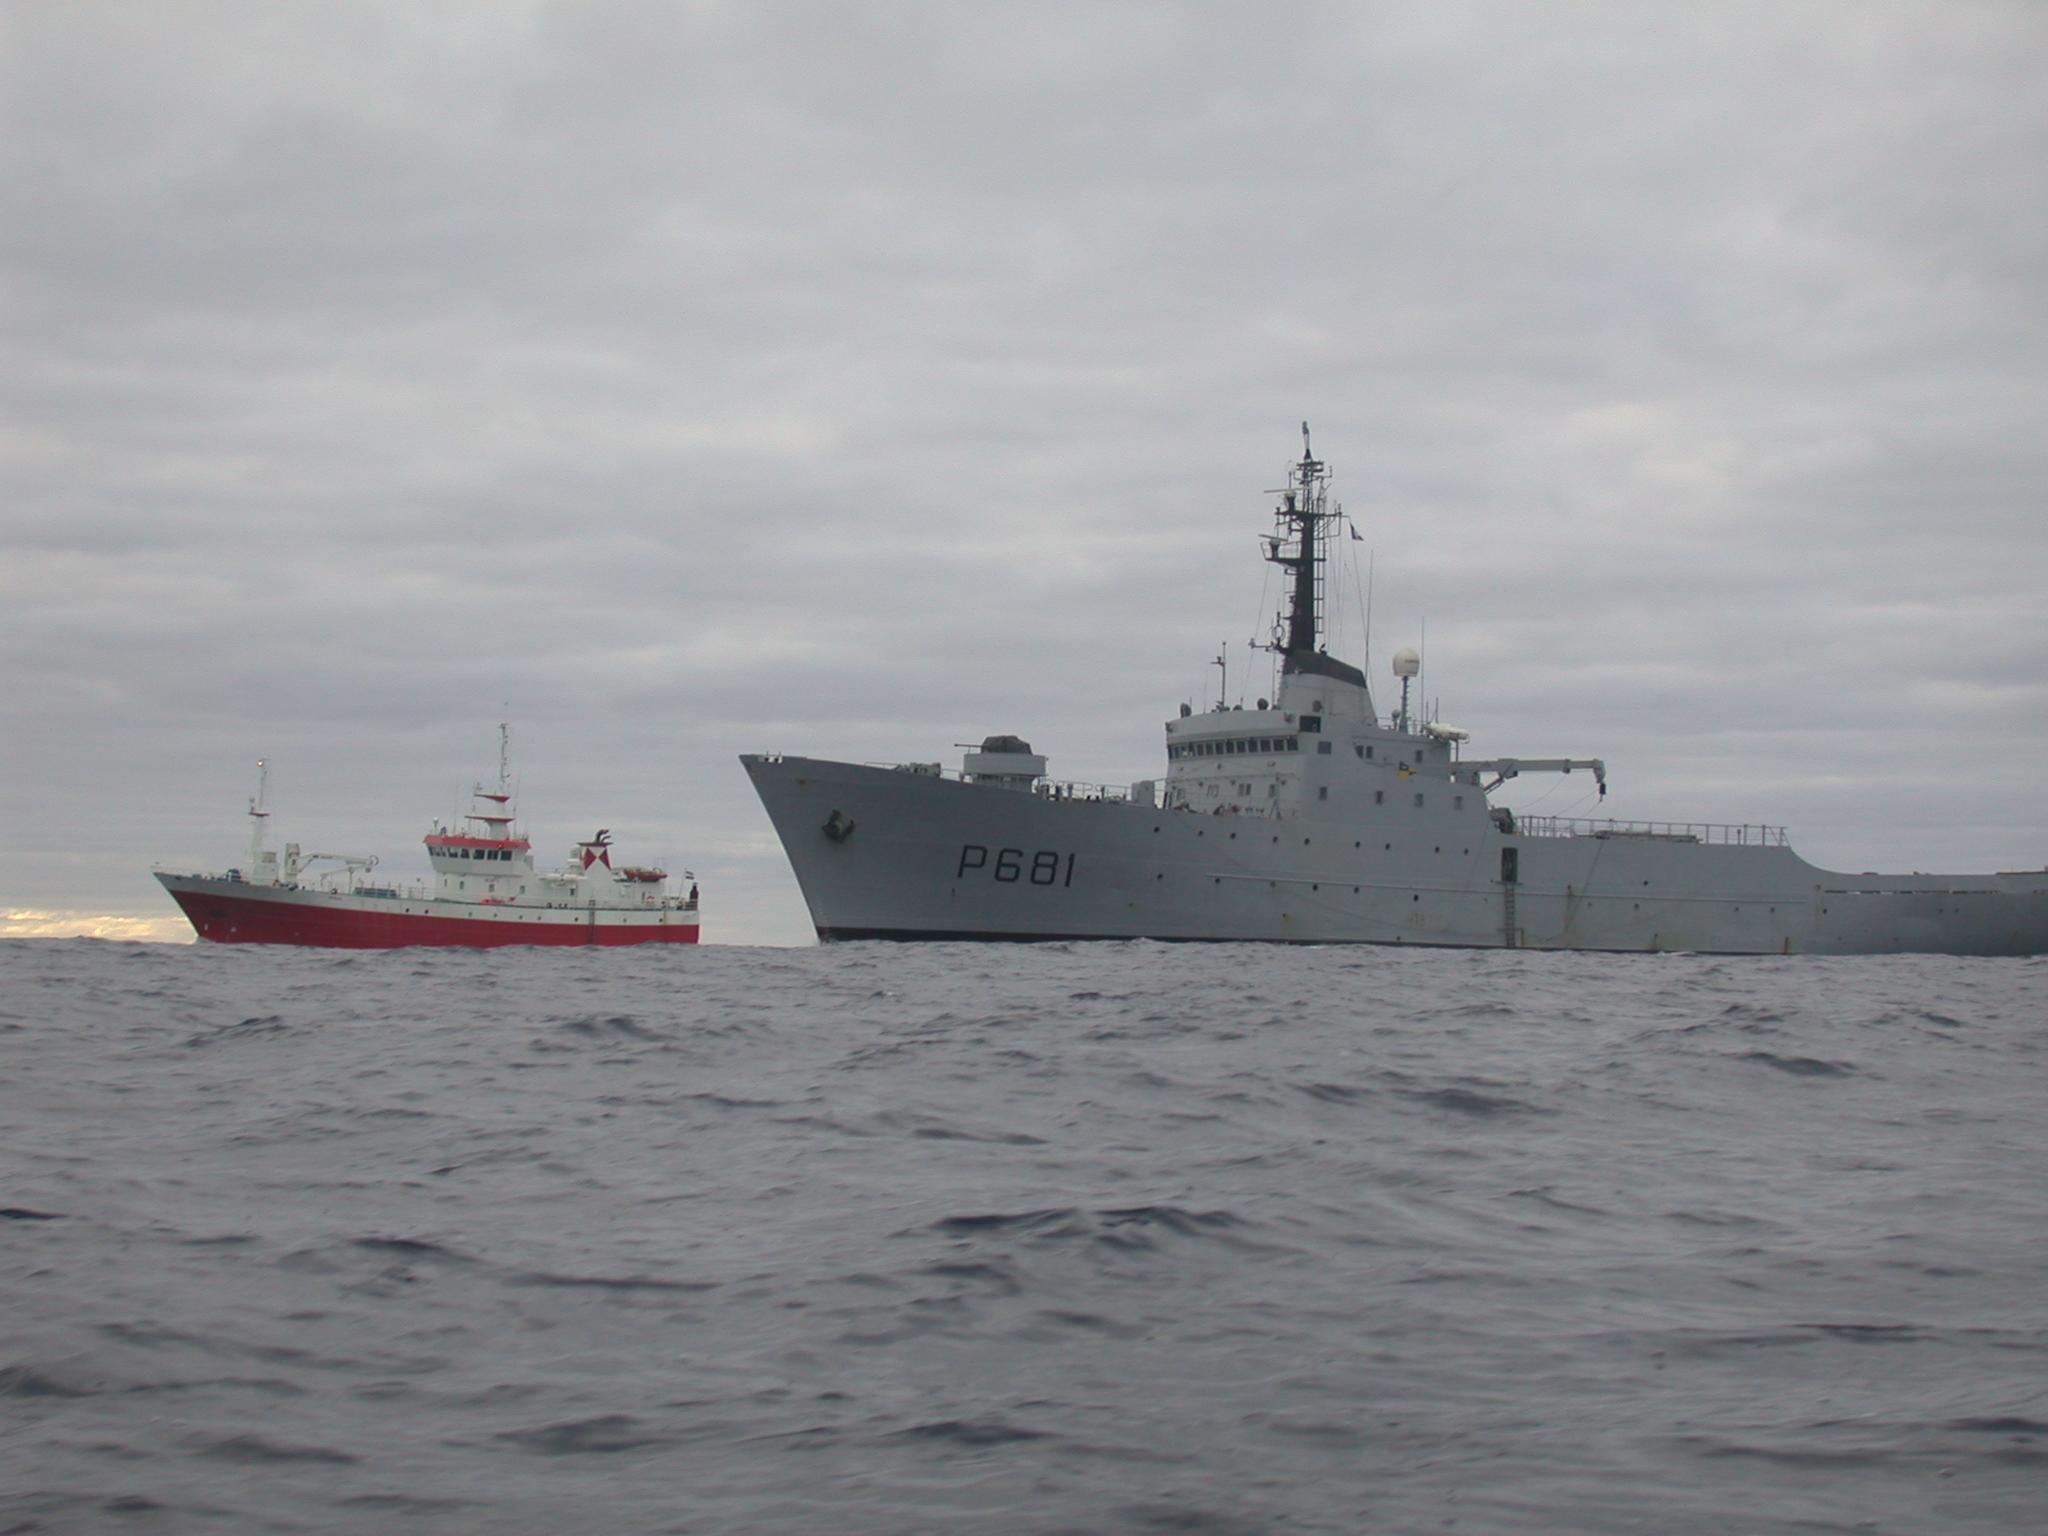 is_vg2016_araisonnement_d_un_bateau_dez_peche_illegal_c_cross_ru.jpg